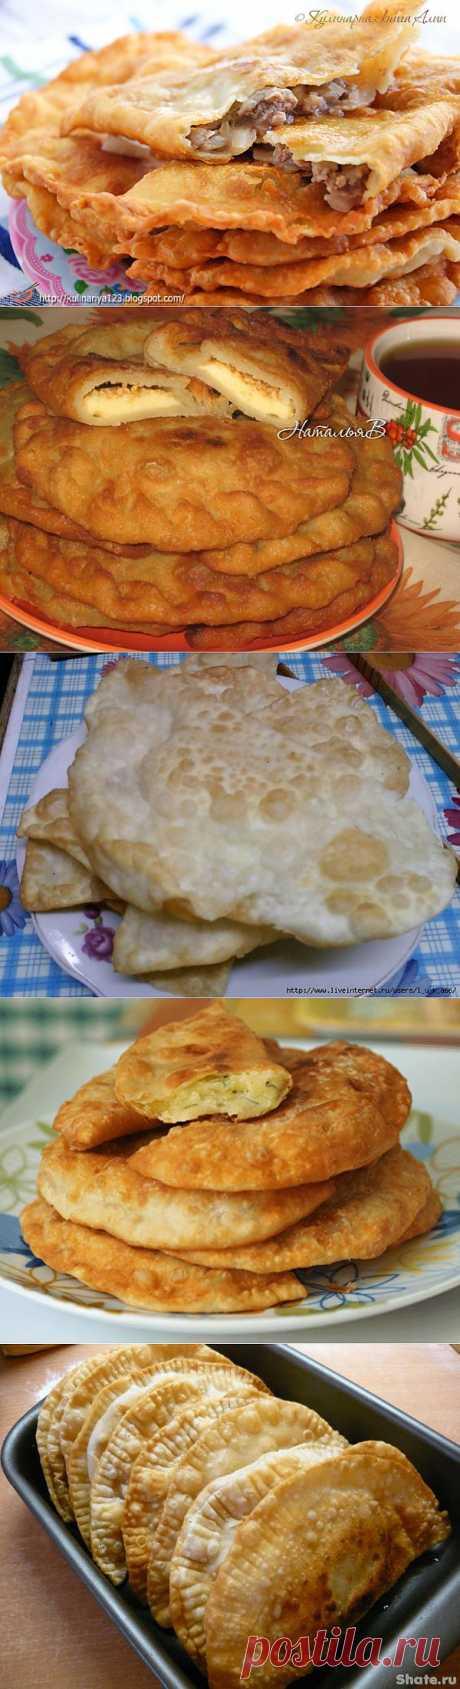 Такие разные, но такие вкусные! Чебуреки - рецепты приготовления..